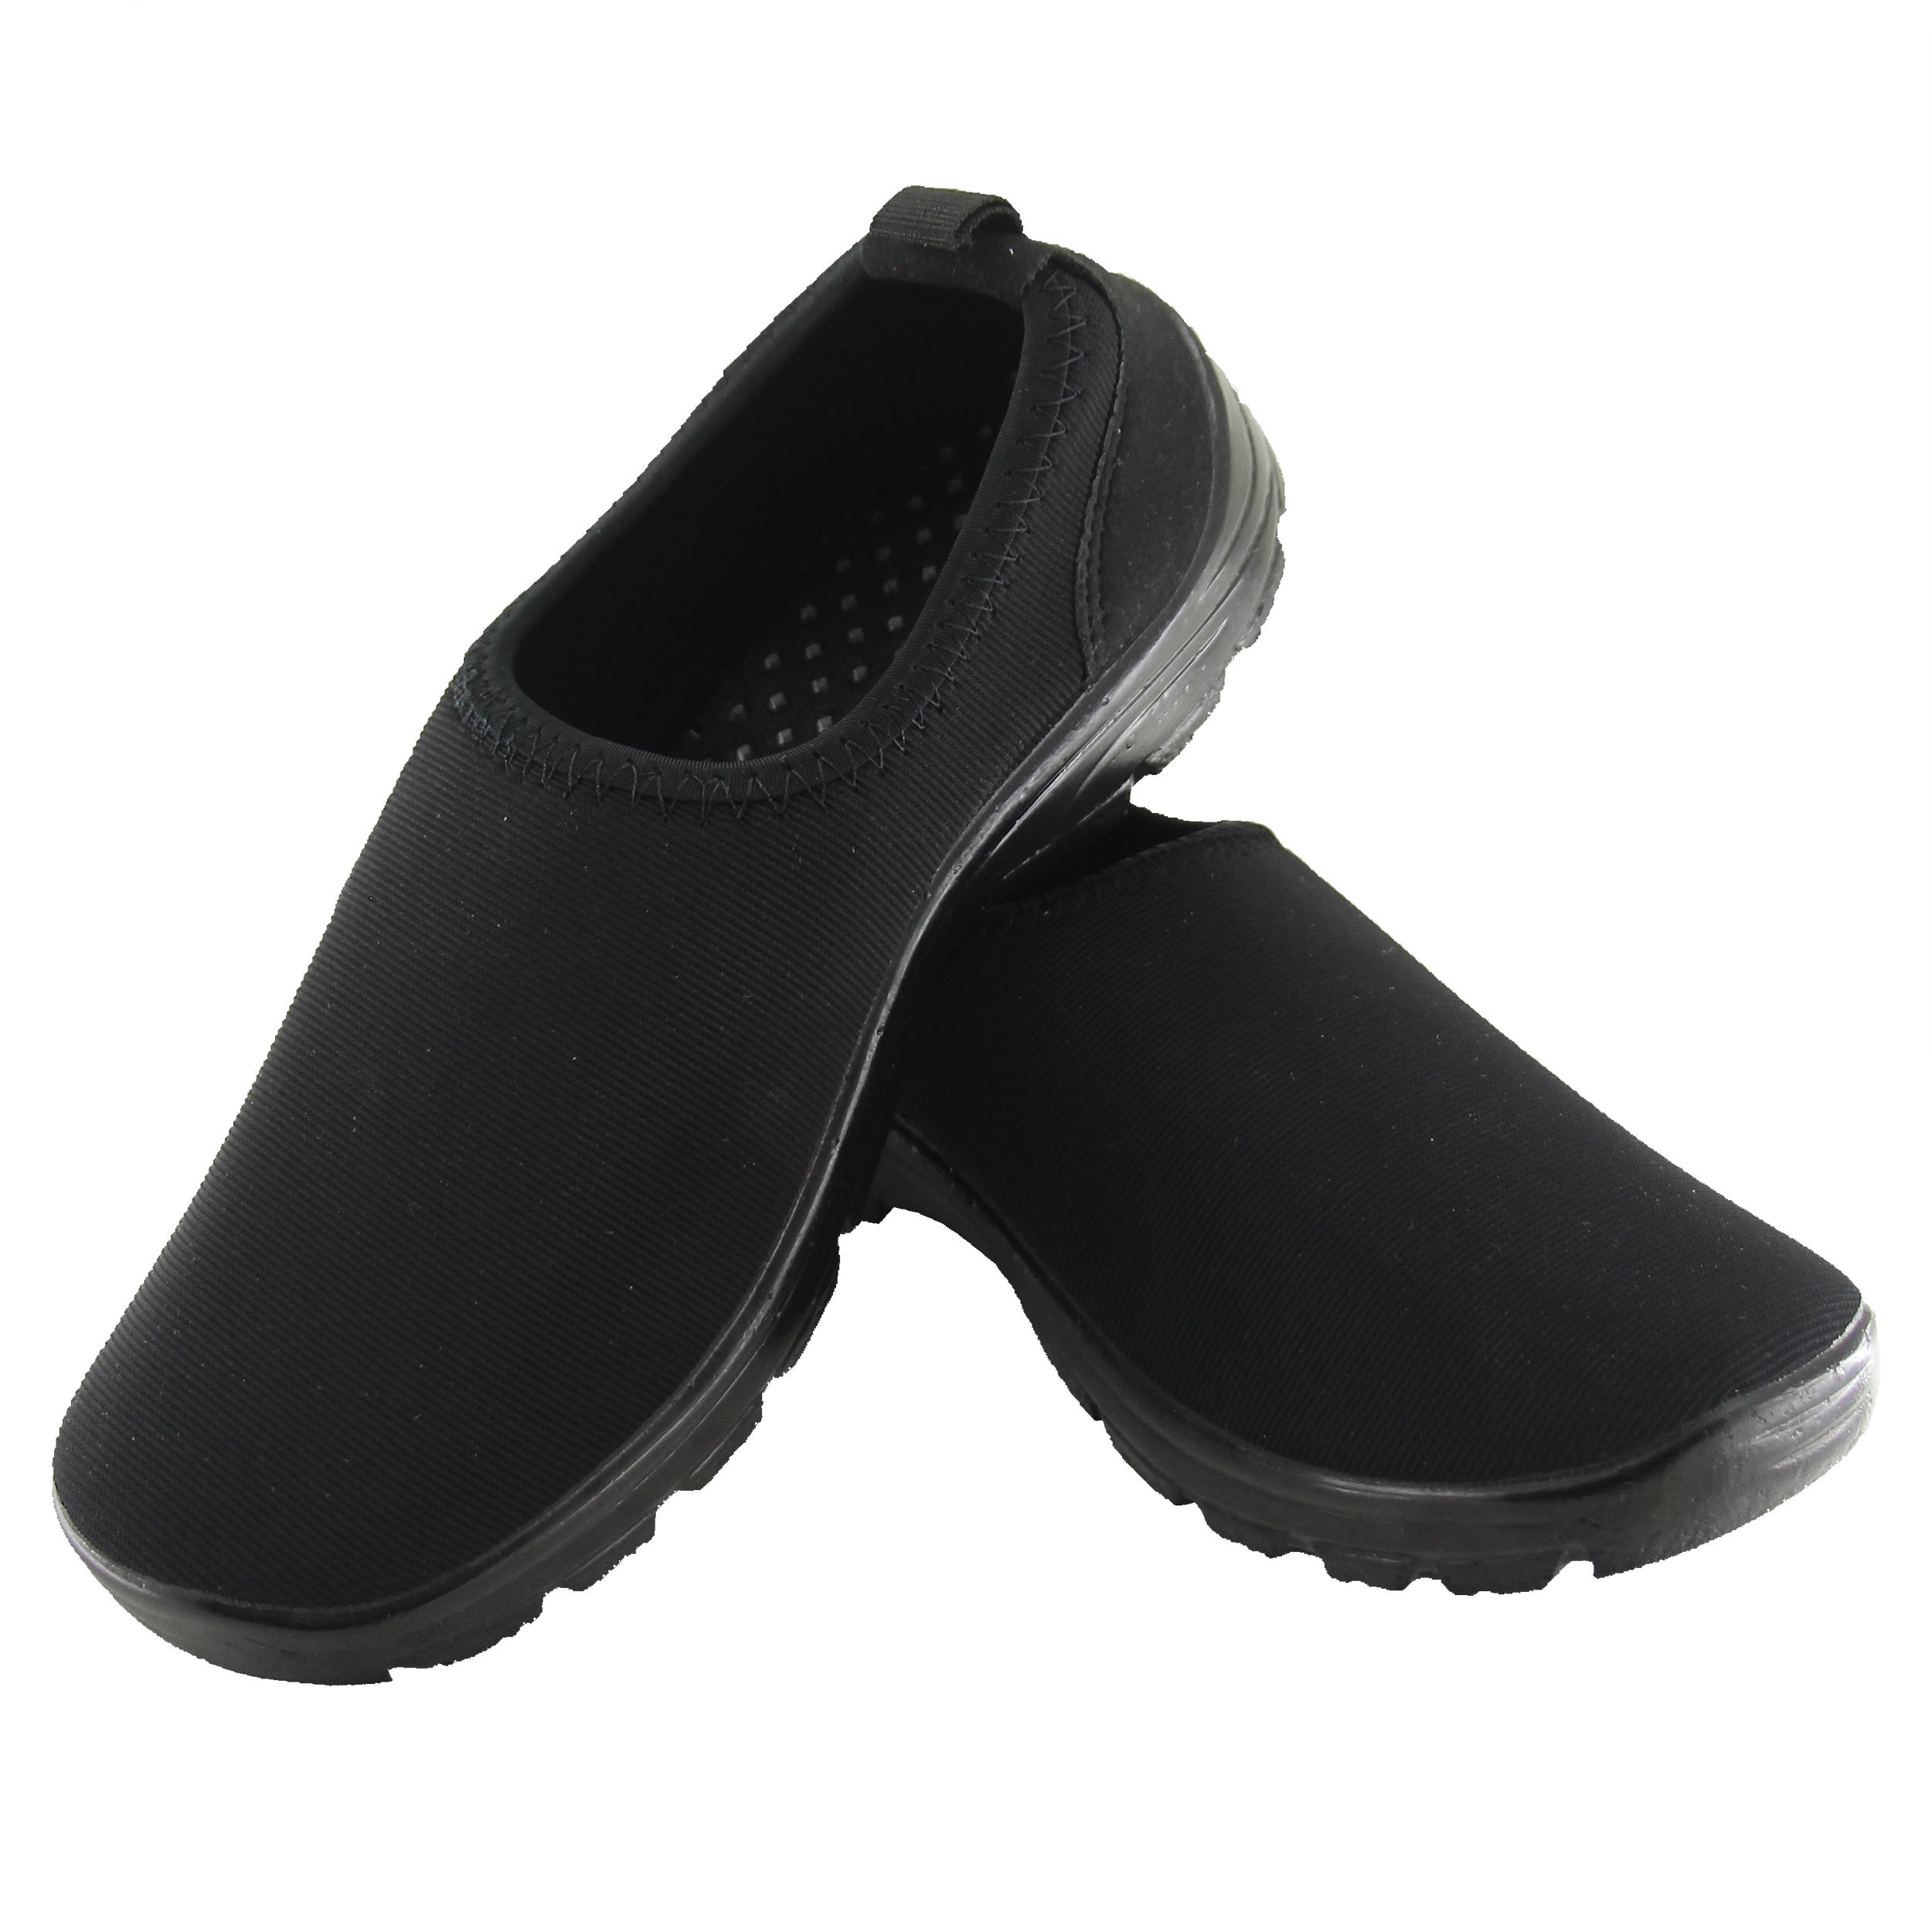 خرید                      کفش پیاده روی مردانه مدل پارسه